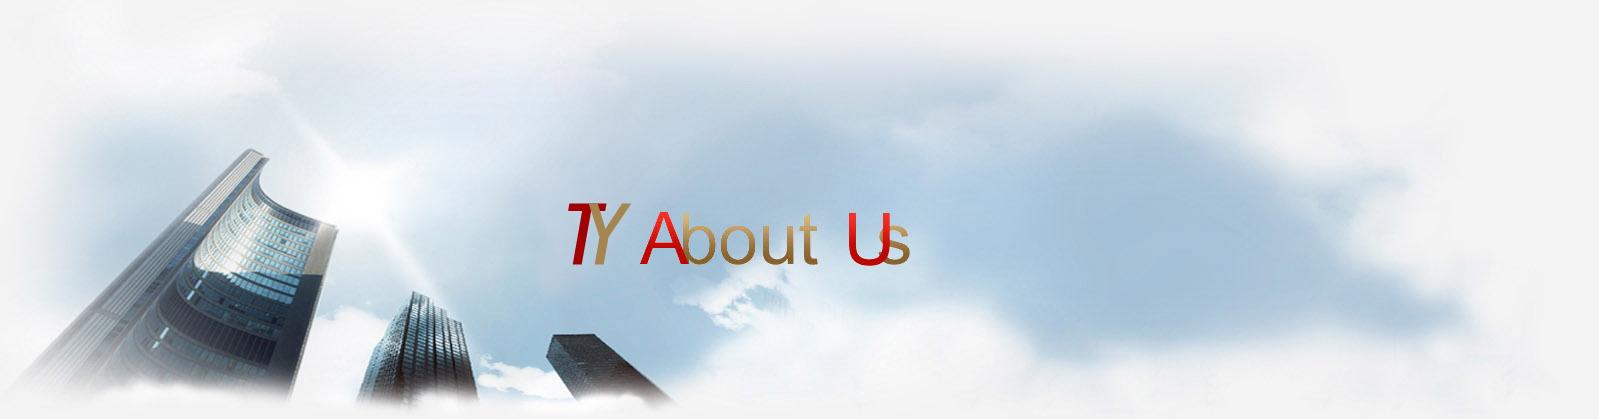 关于我们_重宇科技信息服务有限公司成立于2006年,拥有多年网站设计制作经验,专业为客户提供包括邢台网站建设、网页设计创意、邢台网站优化及网站整合营销等服务